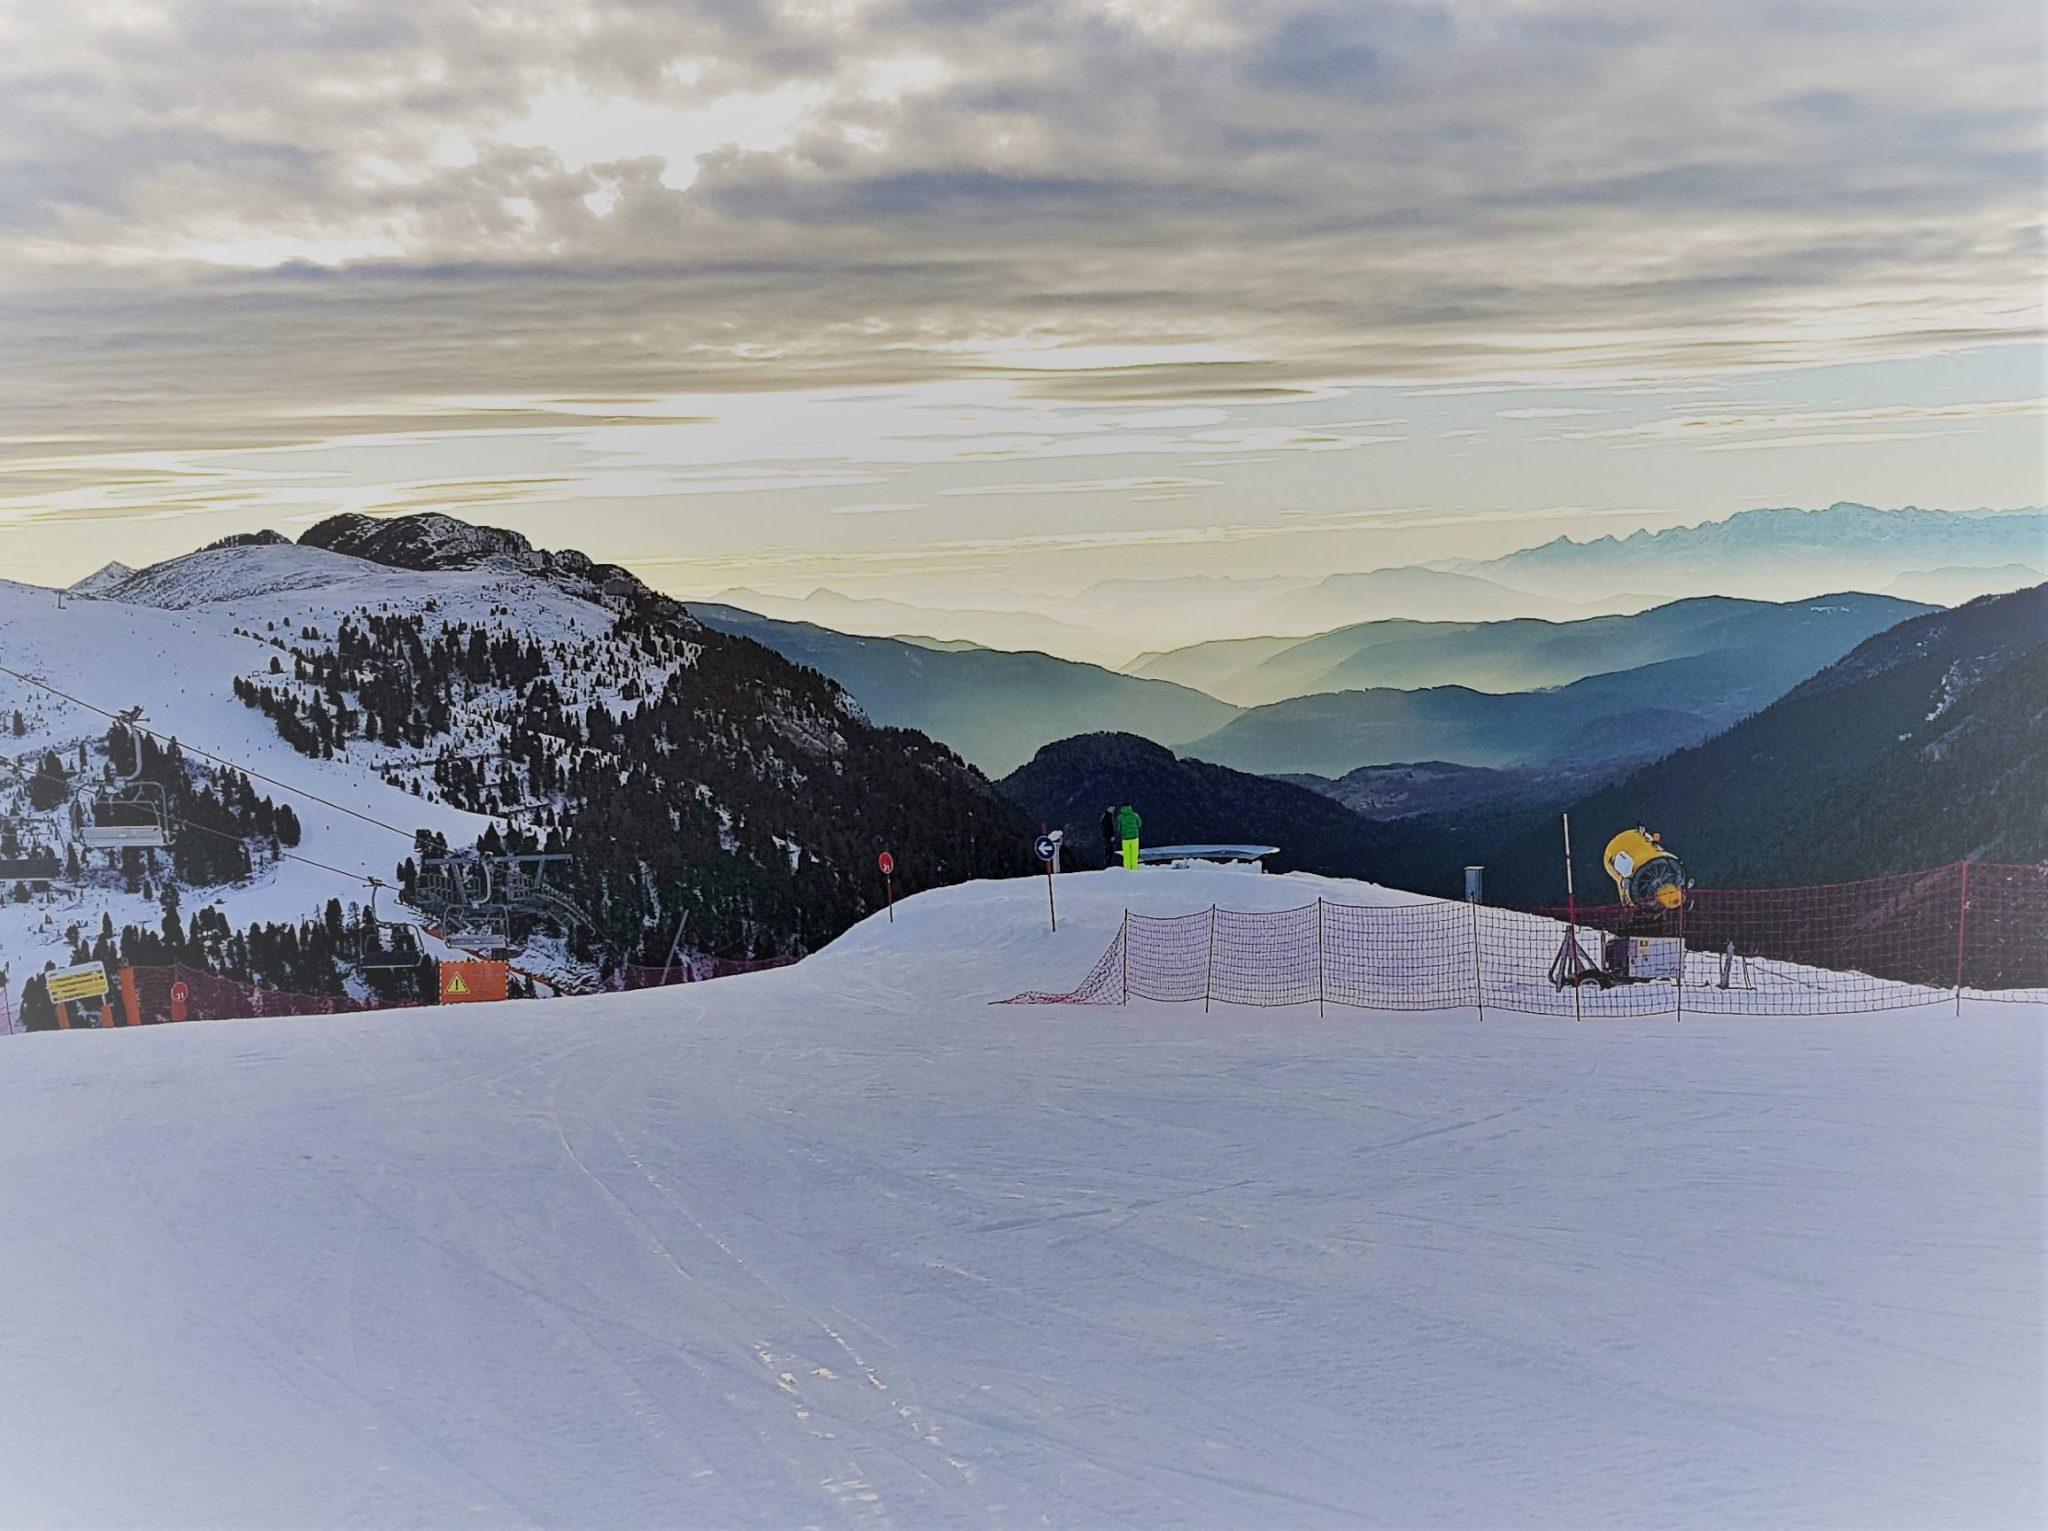 Um 8 Uhr grüßen Ortler und Stubaier Alpen aus der Ferne. Foto: Sylvia Kester